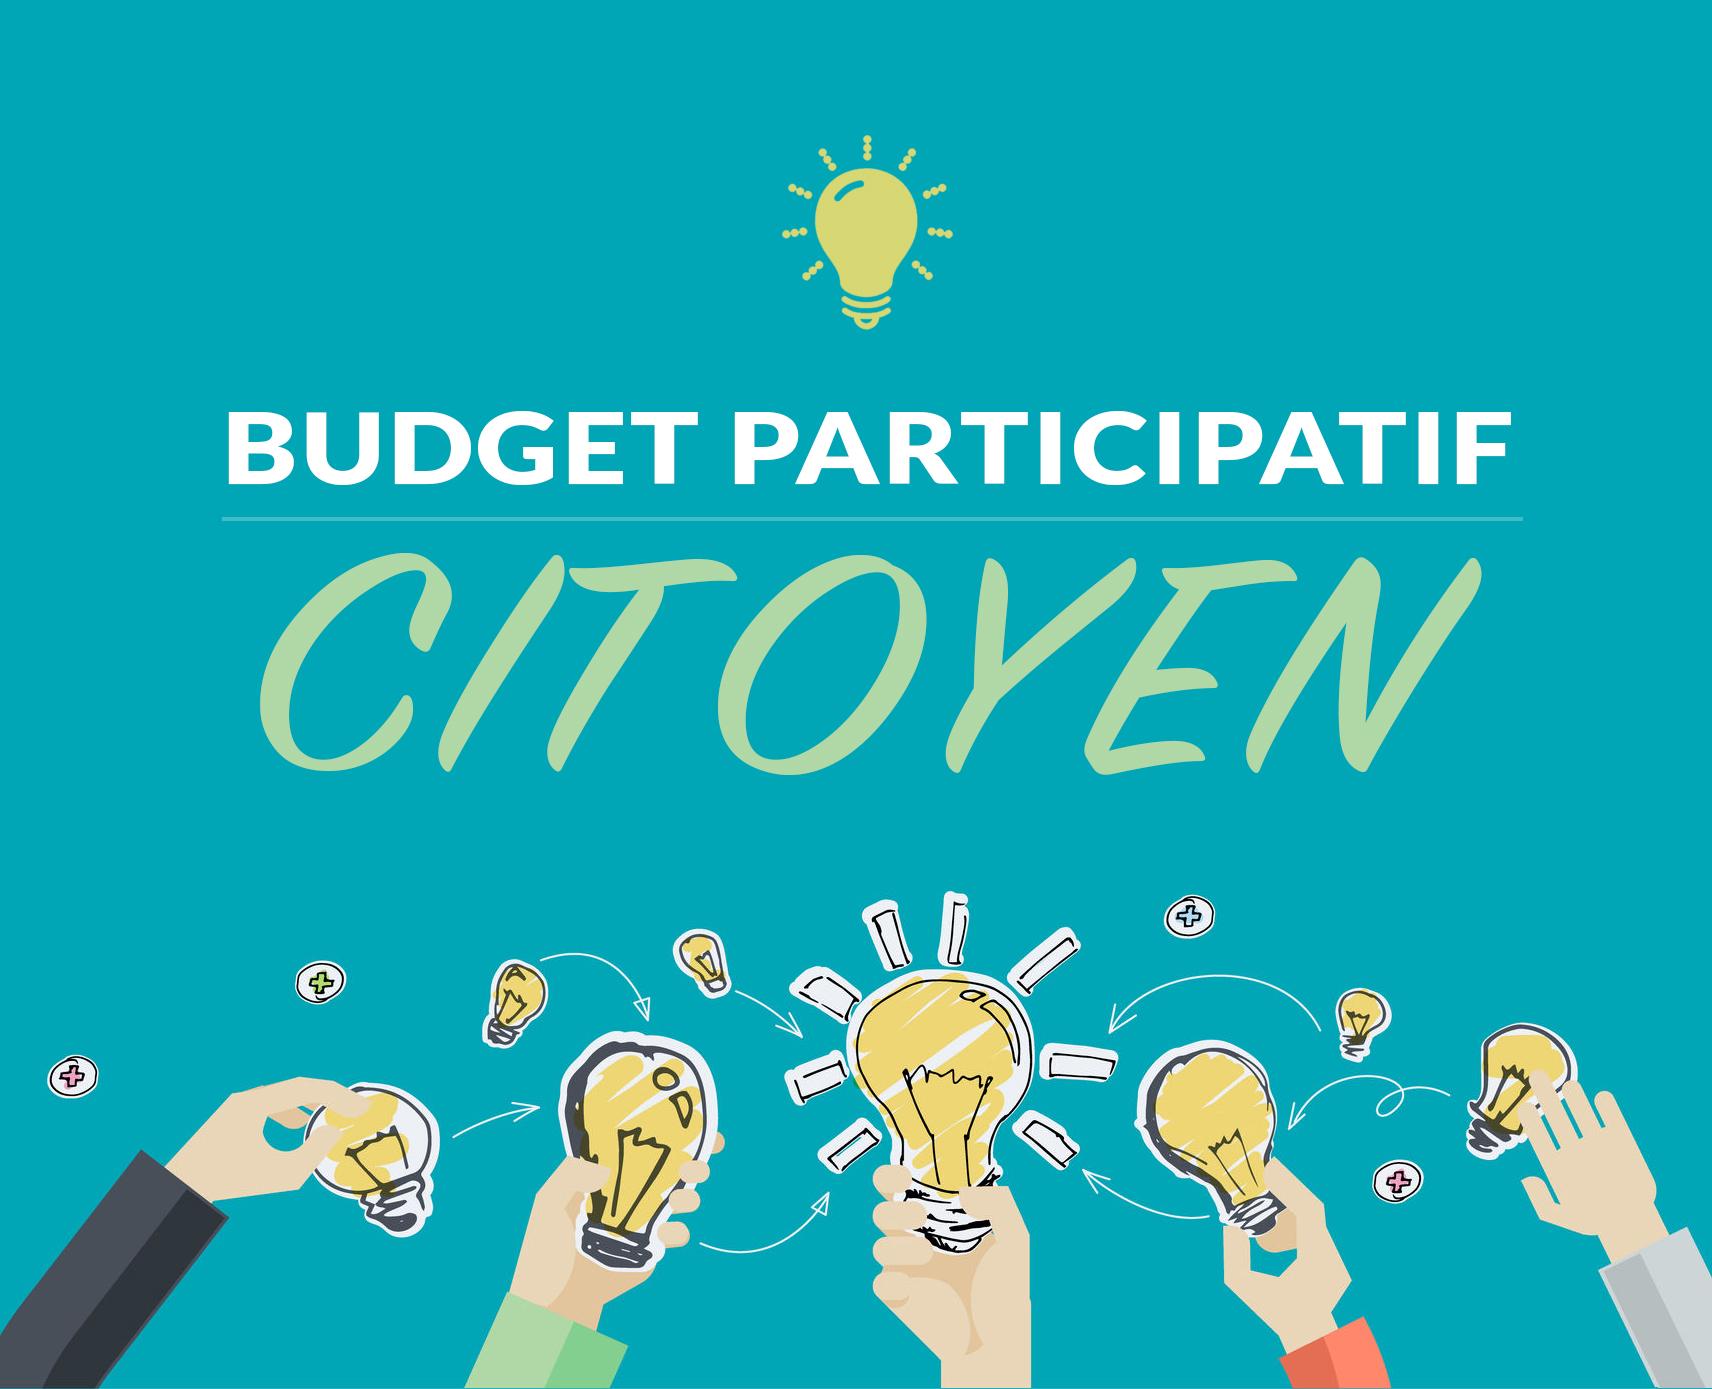 Budget_participatif.jpg (659 KB)